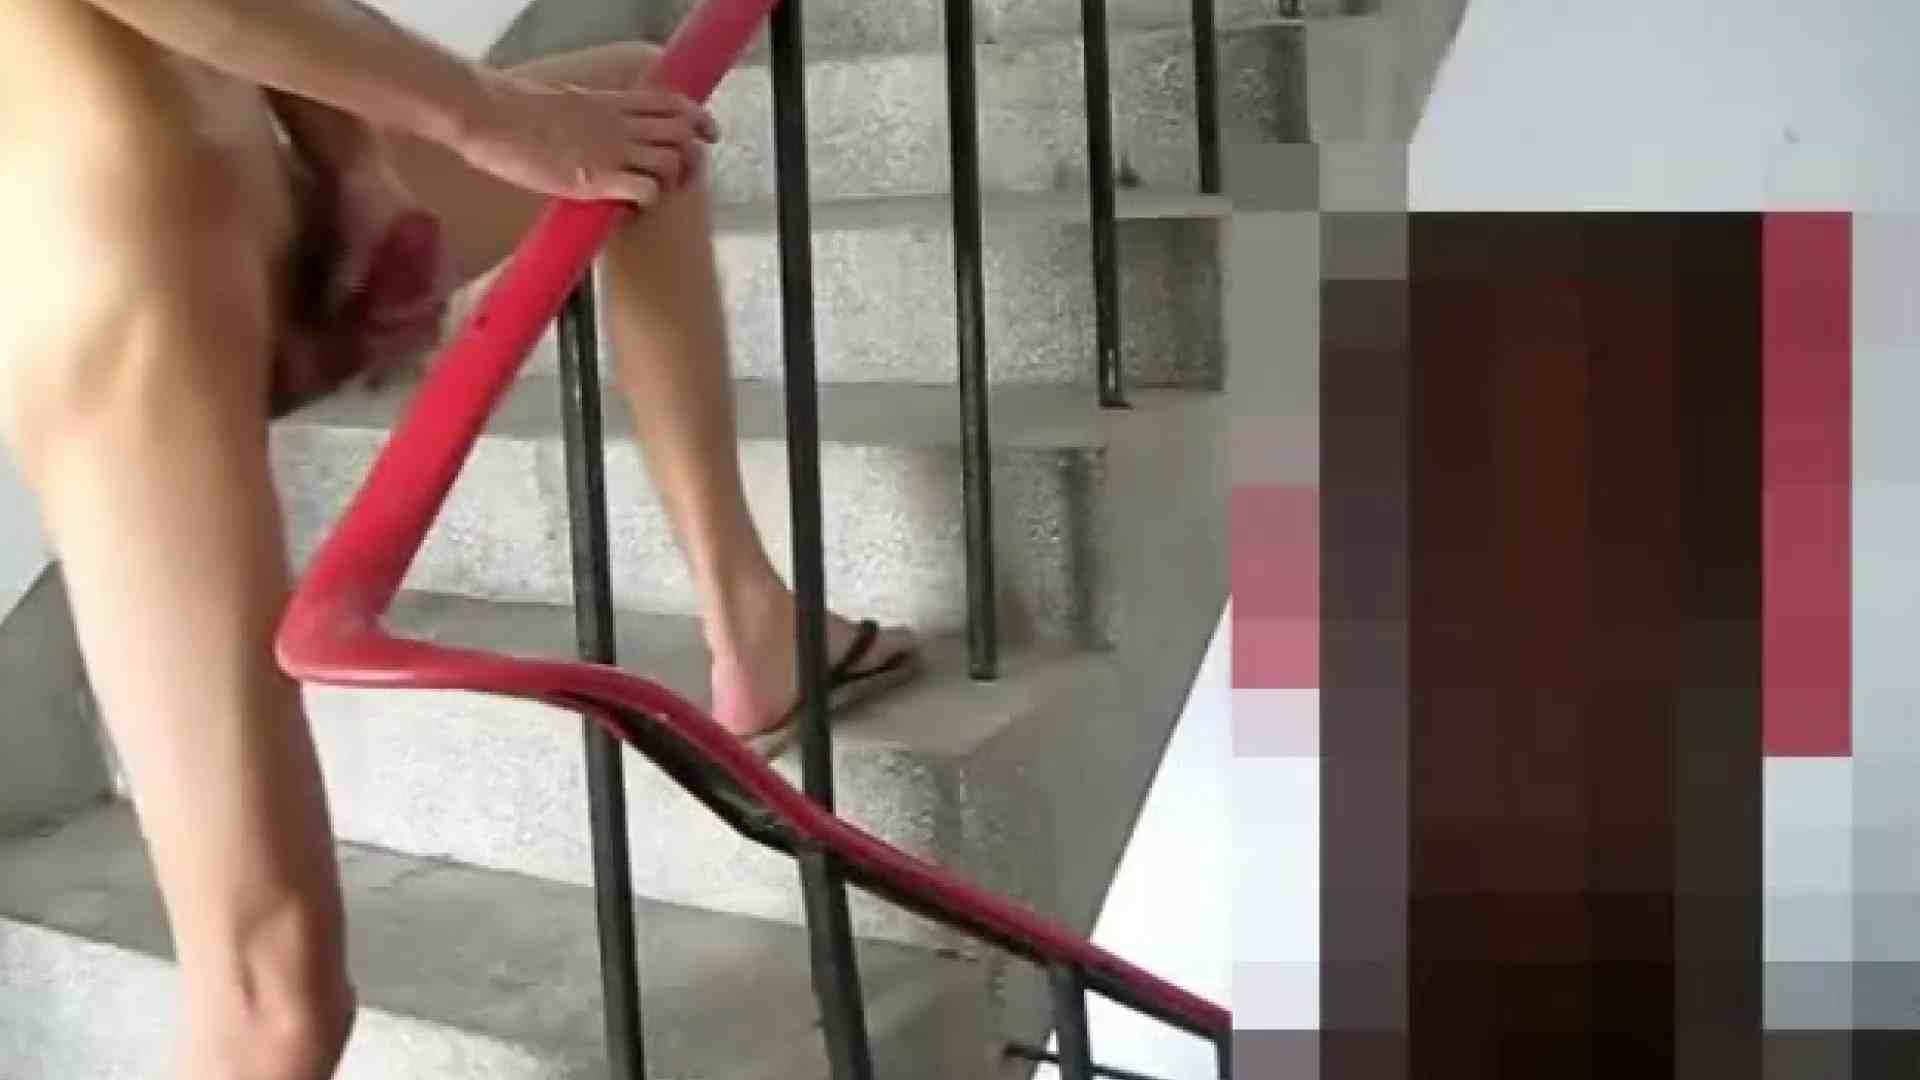 階段オナニー オナニー   モザイク無し アダルトビデオ画像キャプチャ 95pic 64